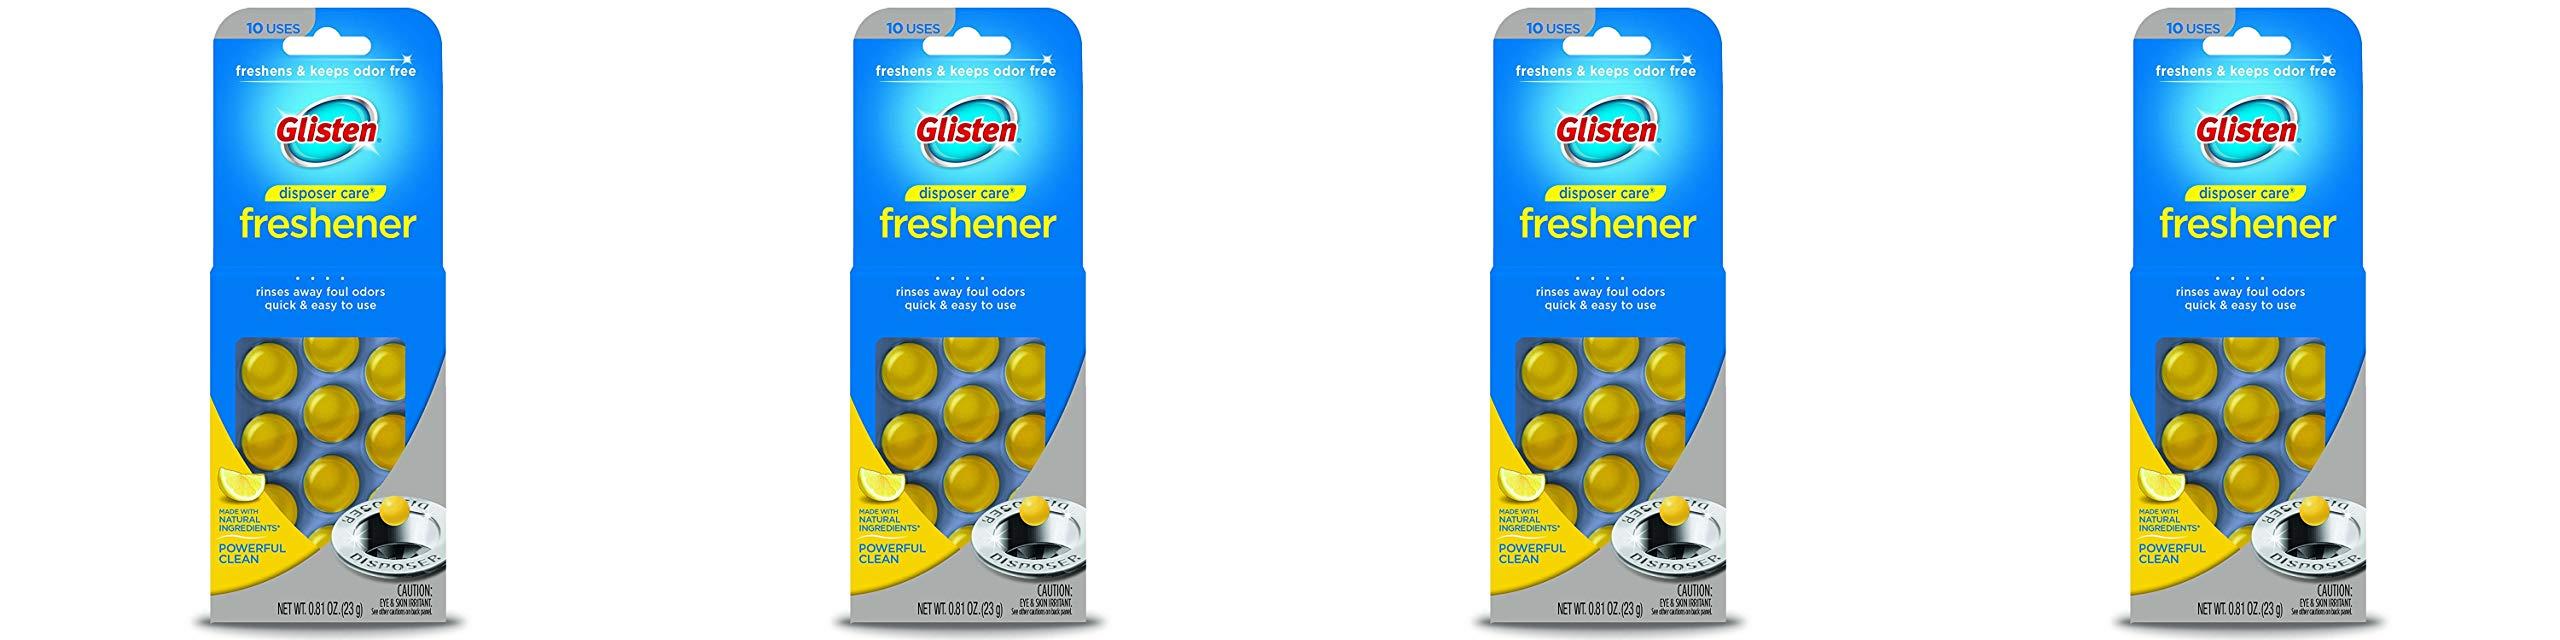 Glisten Disposer Care Freshener, Lemon Scent, 10 Use - 4 Pack